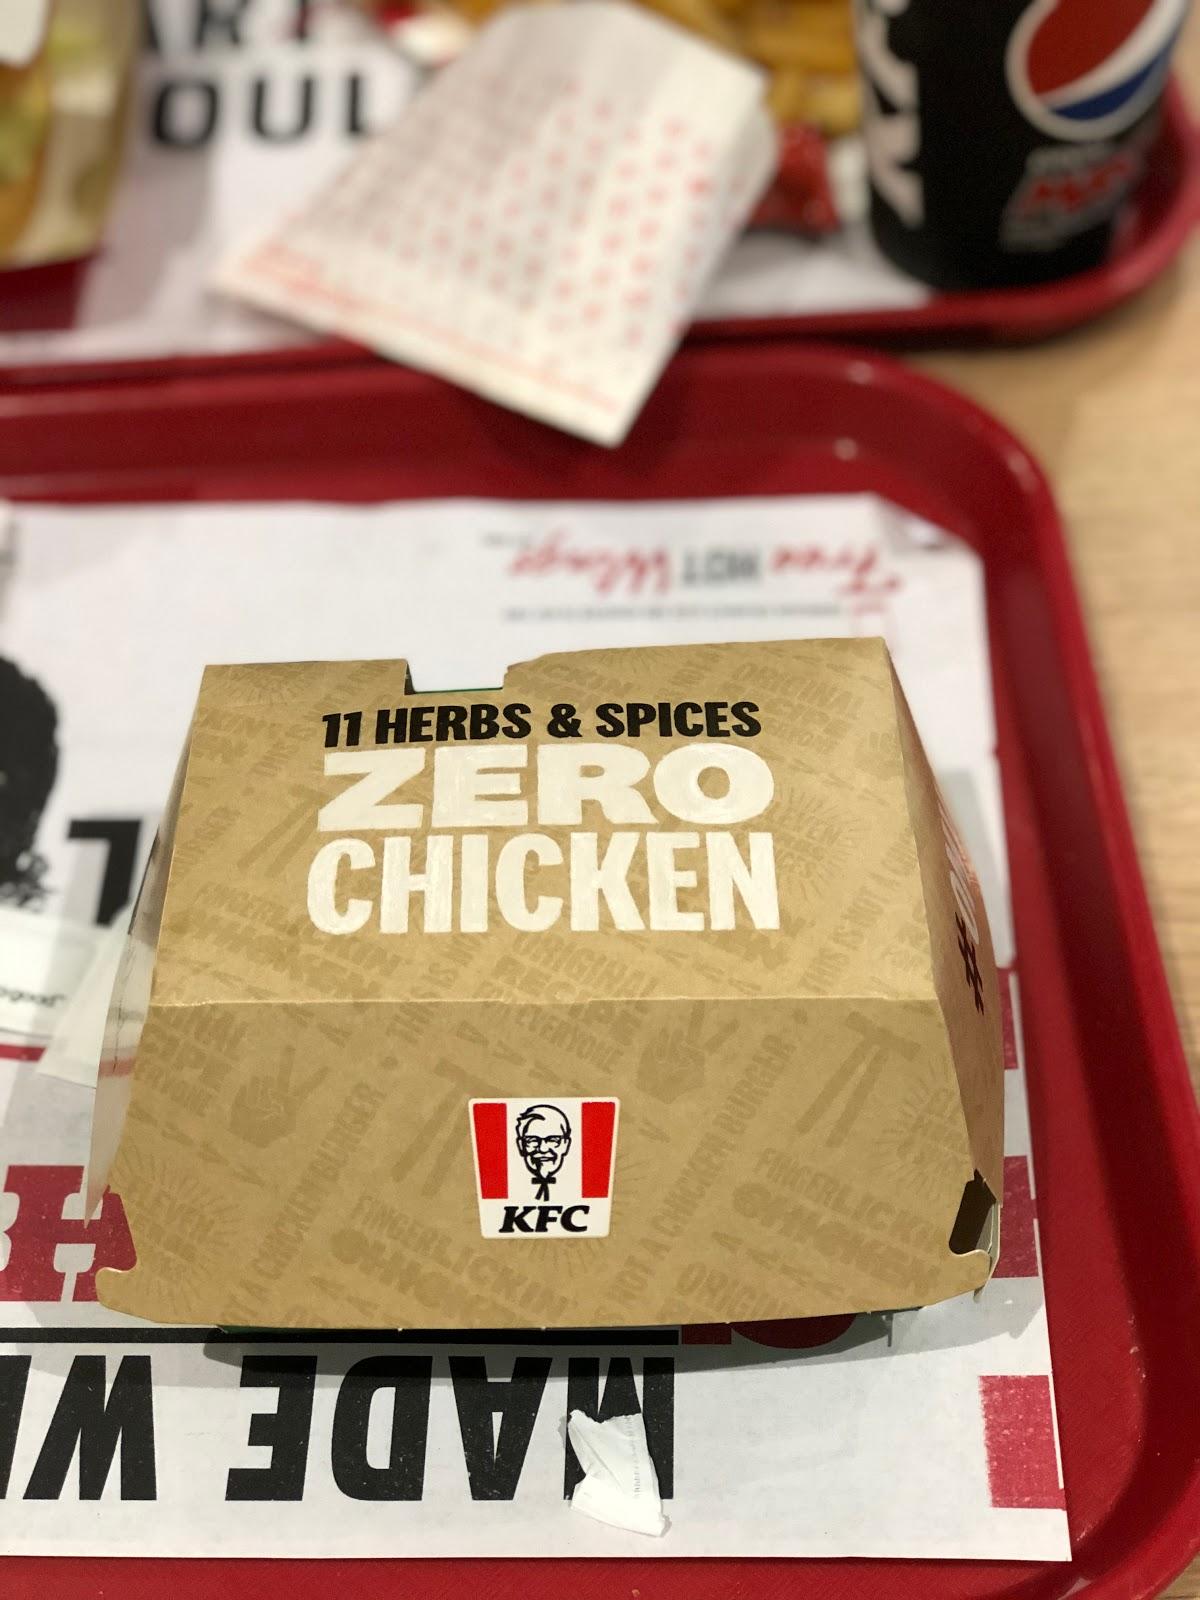 A shot of the KFC vegan burger box